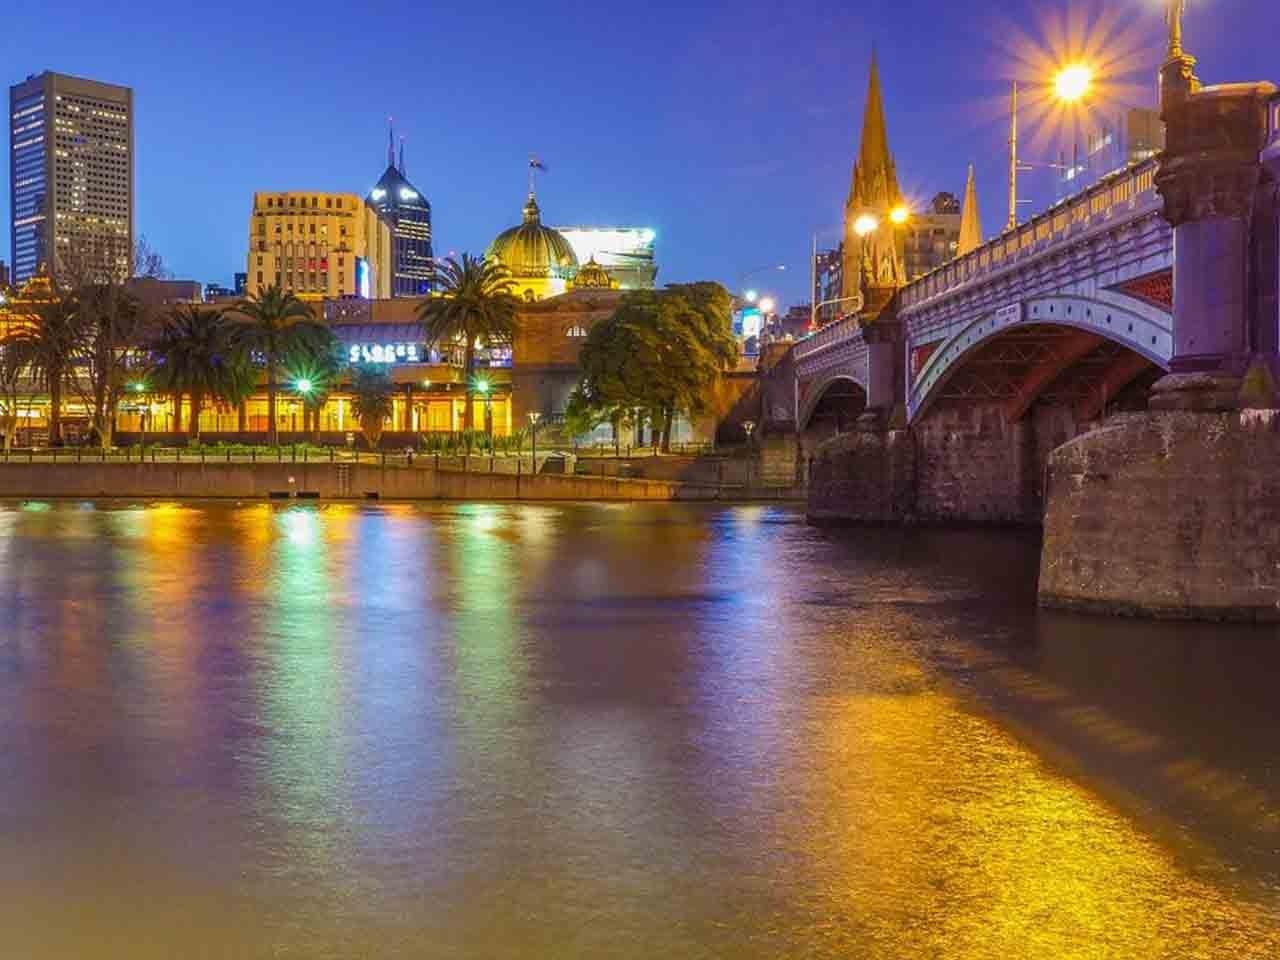 Le Cordon Bleu Melbourne